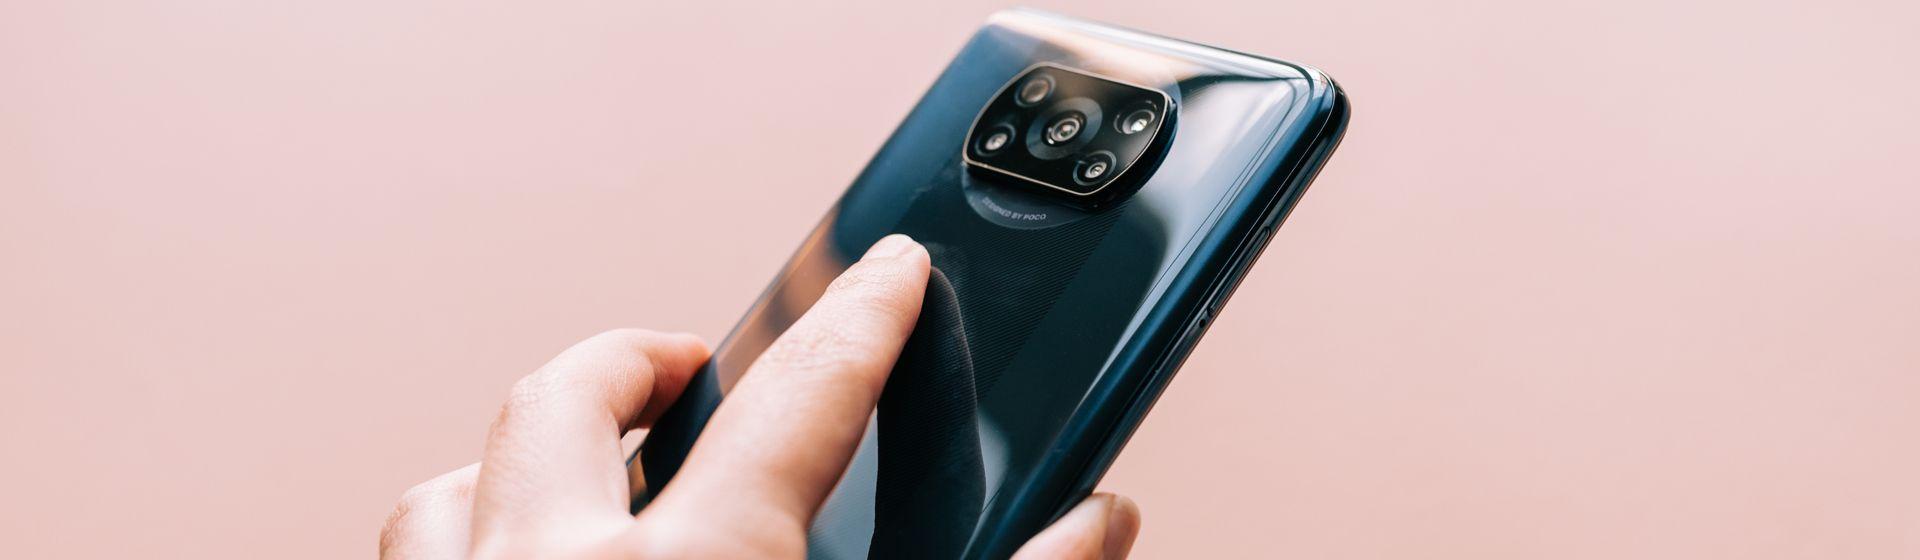 Poco X3: veja análise de ficha técnica do celular gamer da Xiaomi